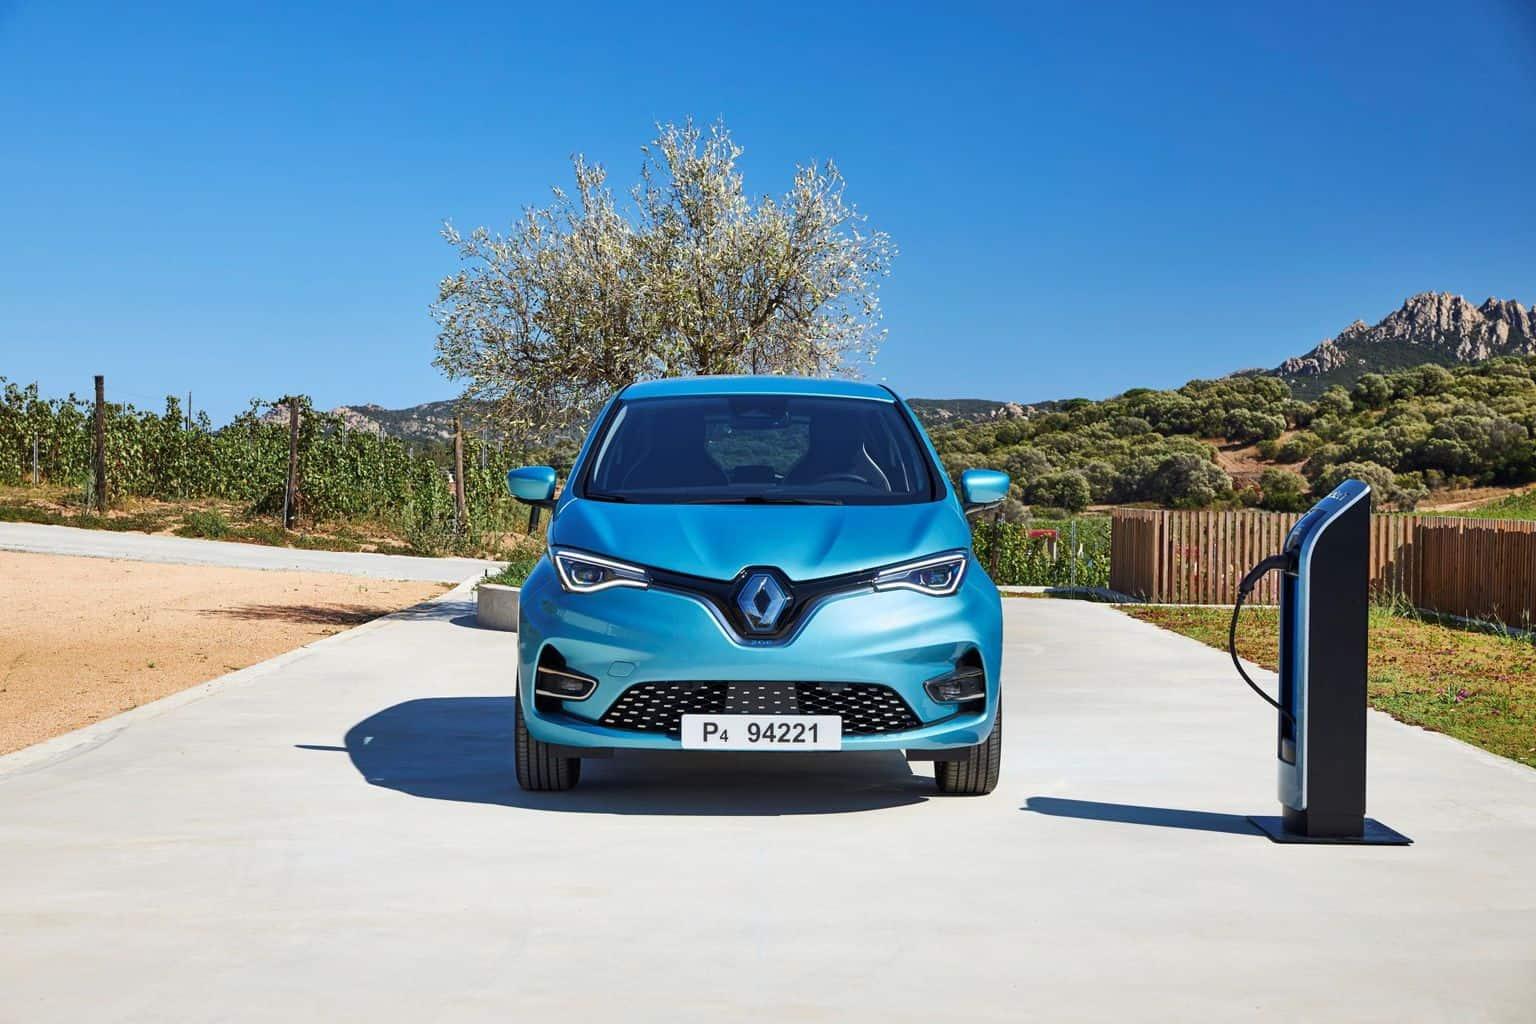 Der 6.000-Euro-Elektrobonus von Renault setzt sich zusammen aus dem aktuell gültigen Umweltbonus des Bundesamts für Wirtschaft und Ausfuhrkontrolle (BAFA) in Höhe von 2.000 Euro (unverändert) und der auf jetzt 4.000 Euro erhöhten Renault Förderung. Die Erhöhung der Renault Förderung gilt so lange, bis die erhöhte BAFA-Prämie in Kraft tritt.